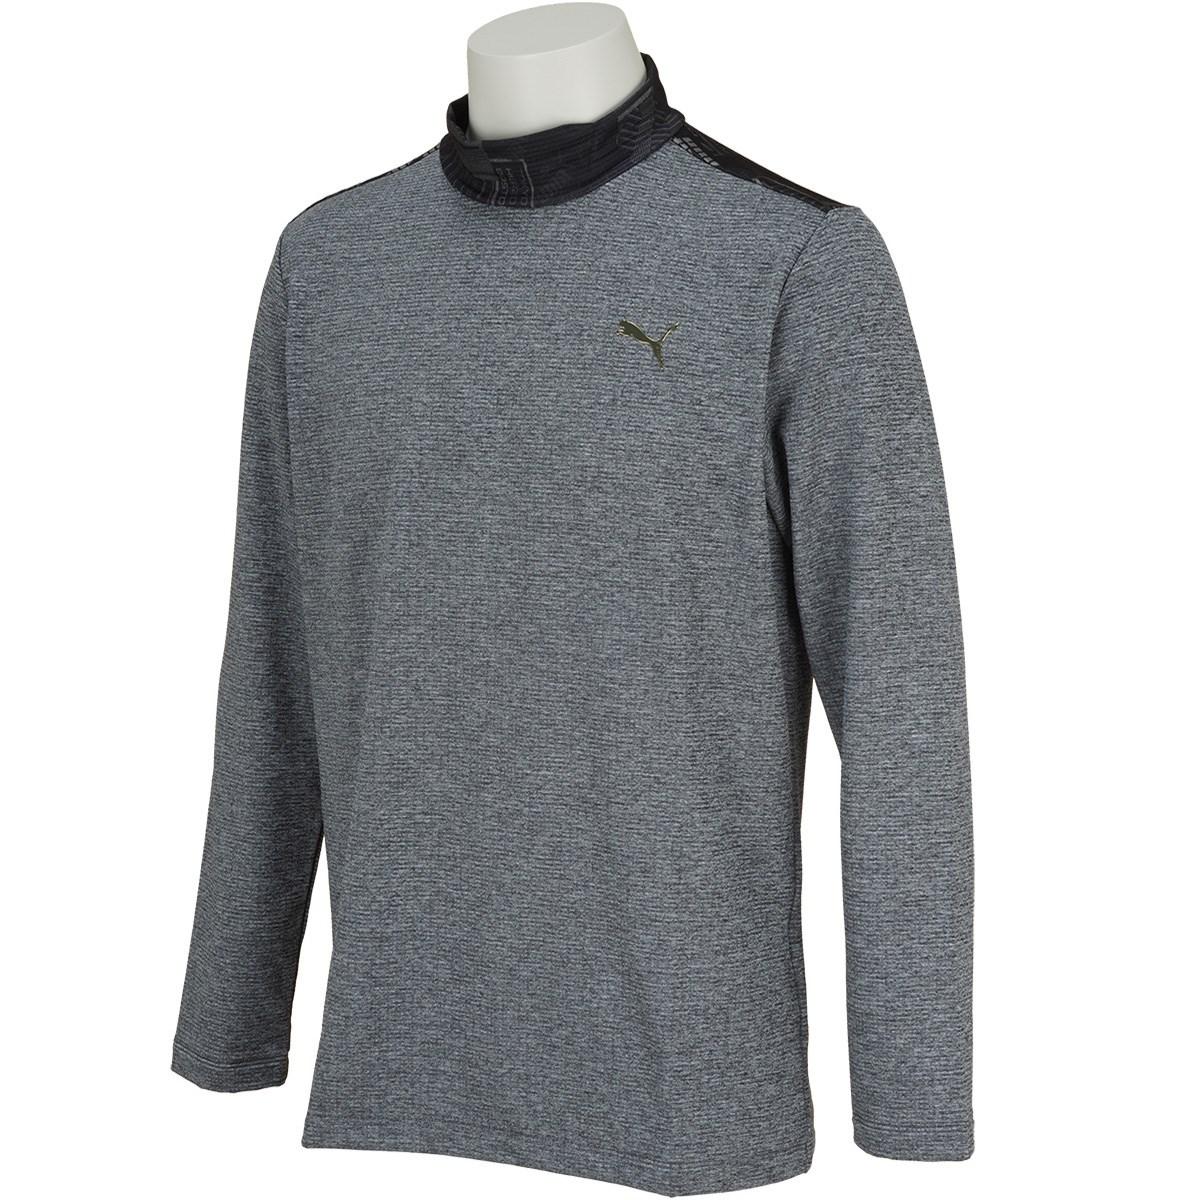 プーマ PUMA アーカイブ 裏起毛長袖モックネックシャツ L プーマ ブラック 01